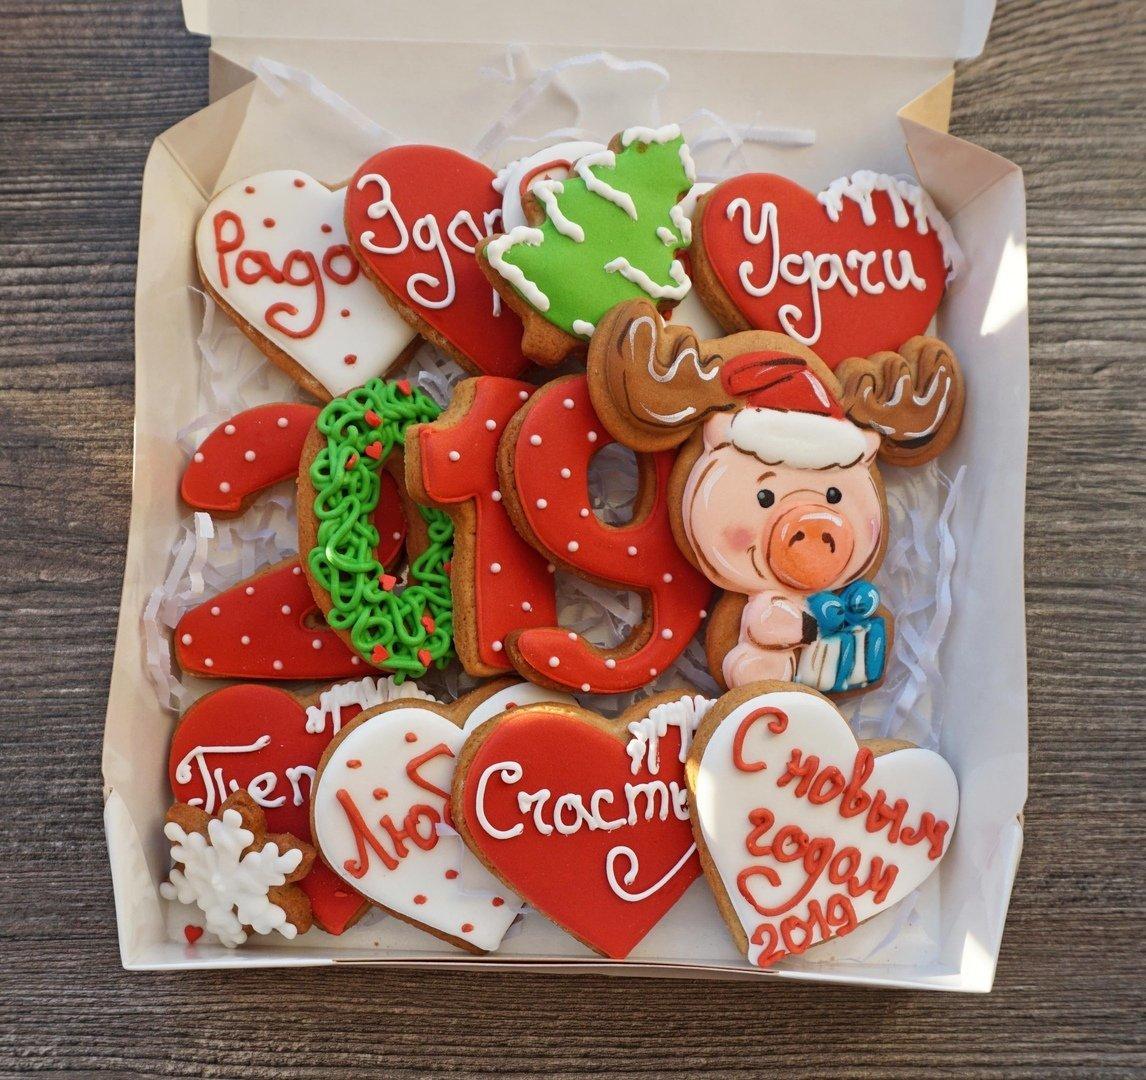 Наборы новогоднего настроения от «Тортышки» - вкусно и празднично, фото-3